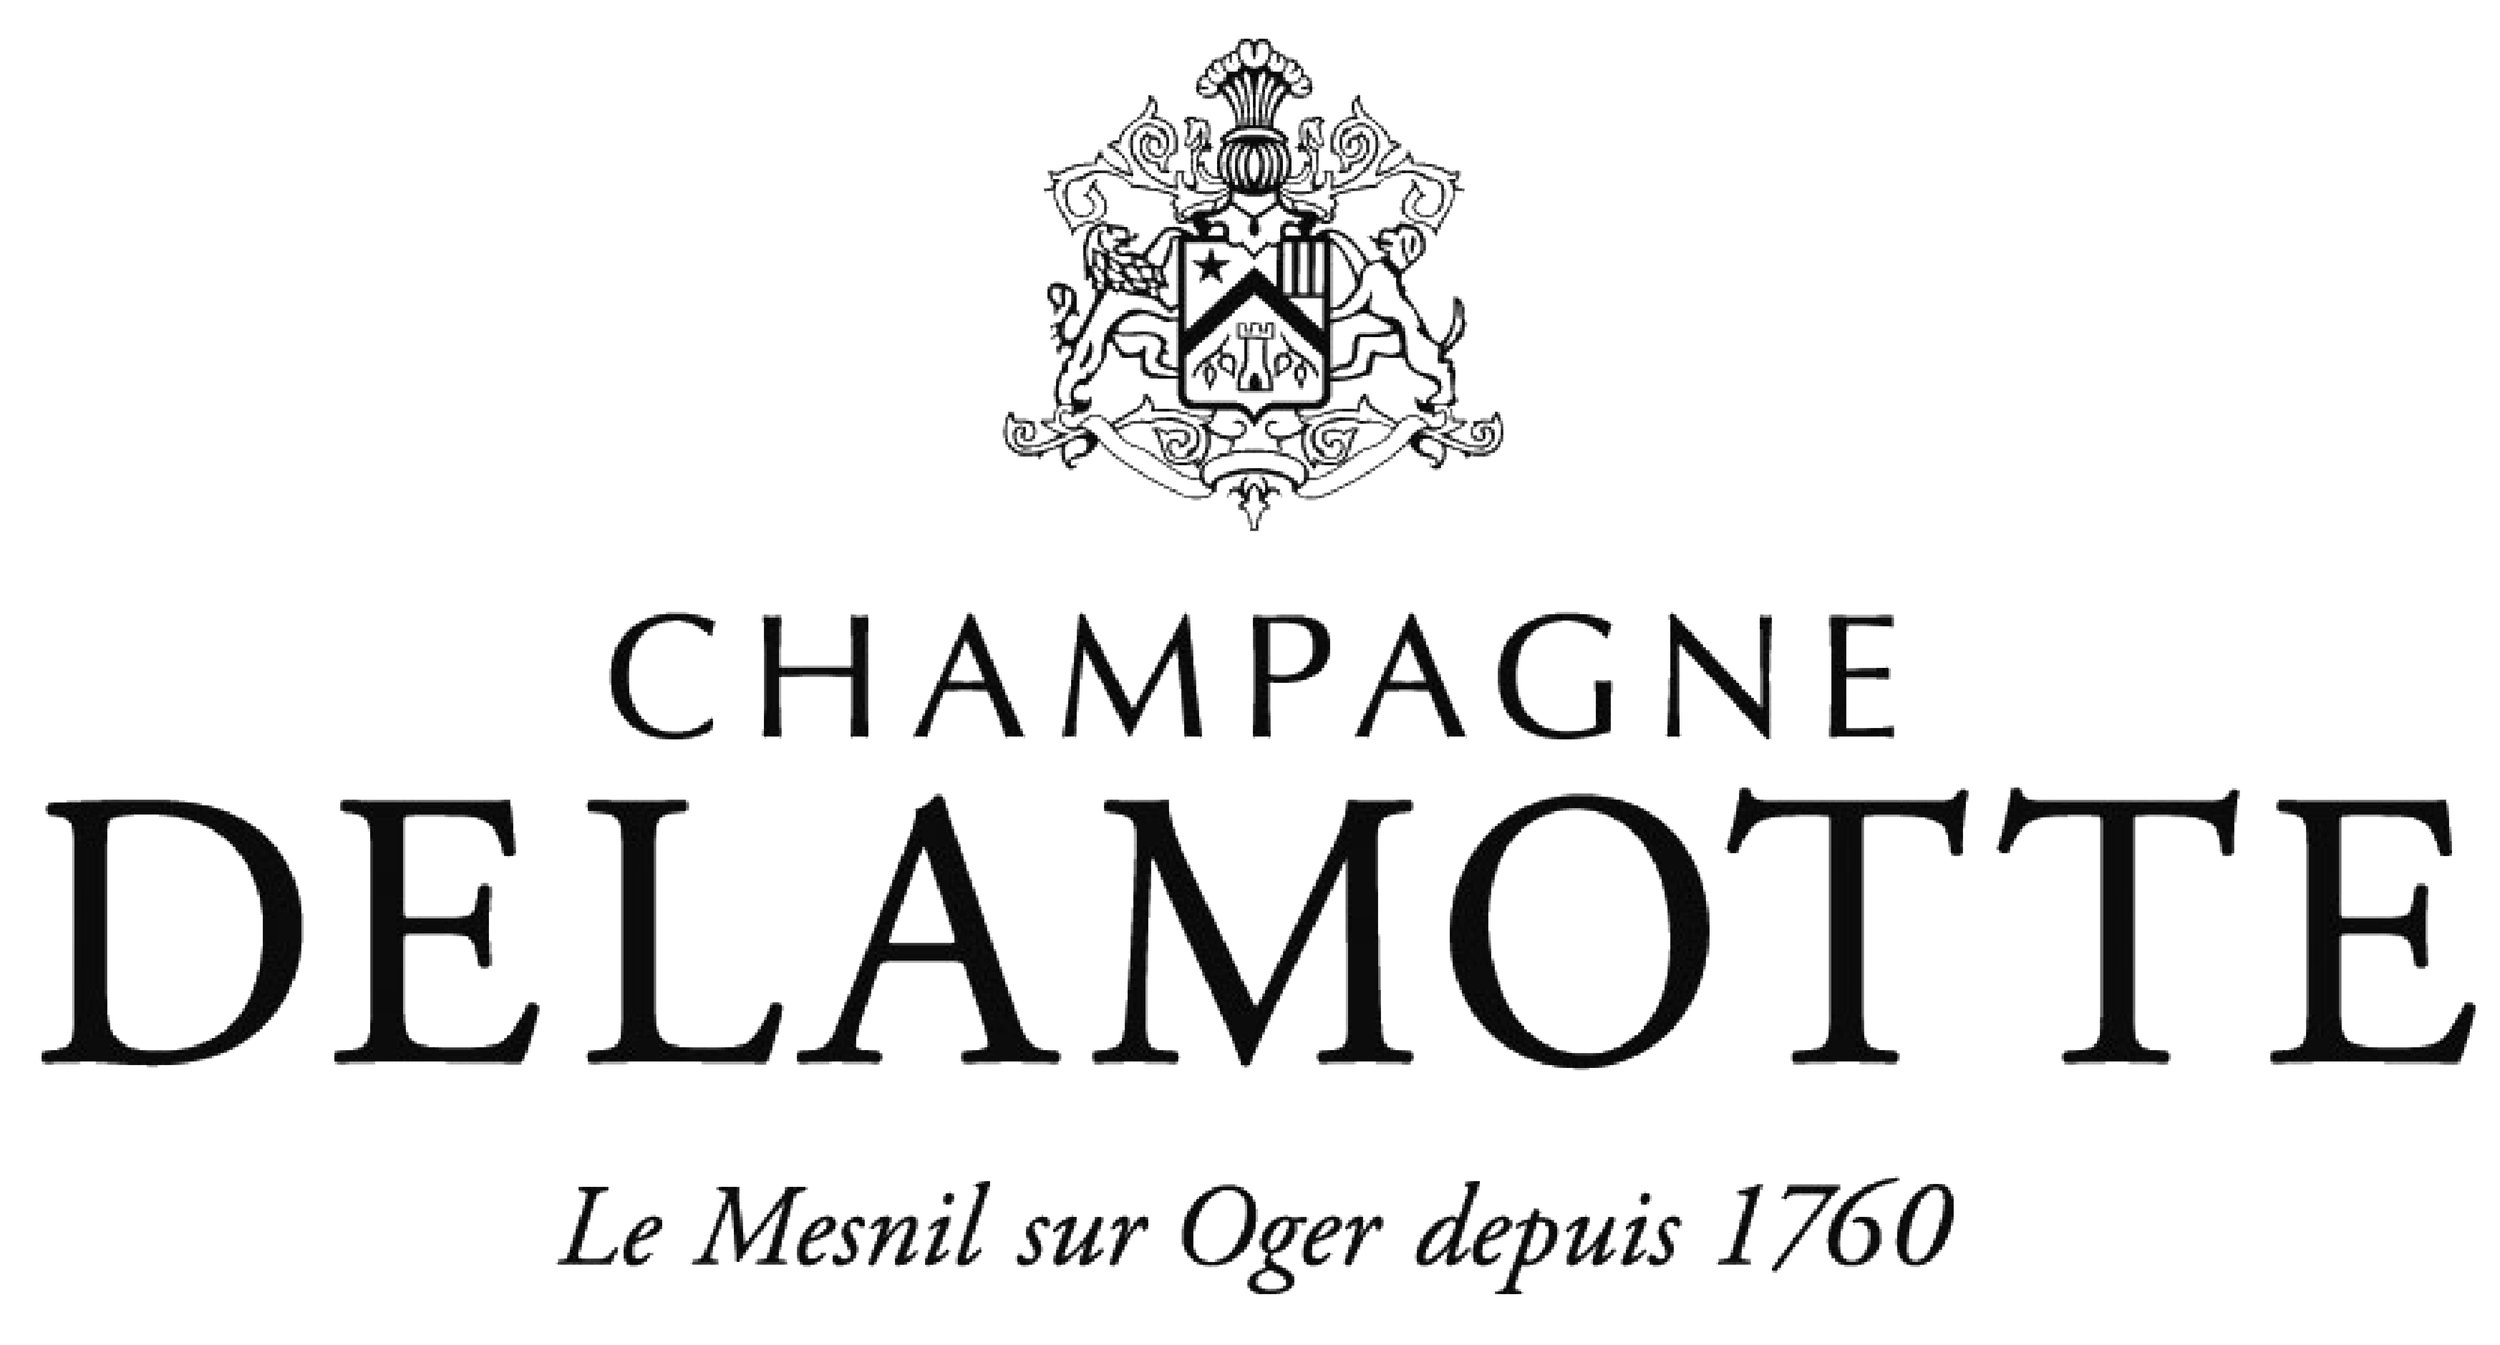 Champagne Delamotte Logo.jpg